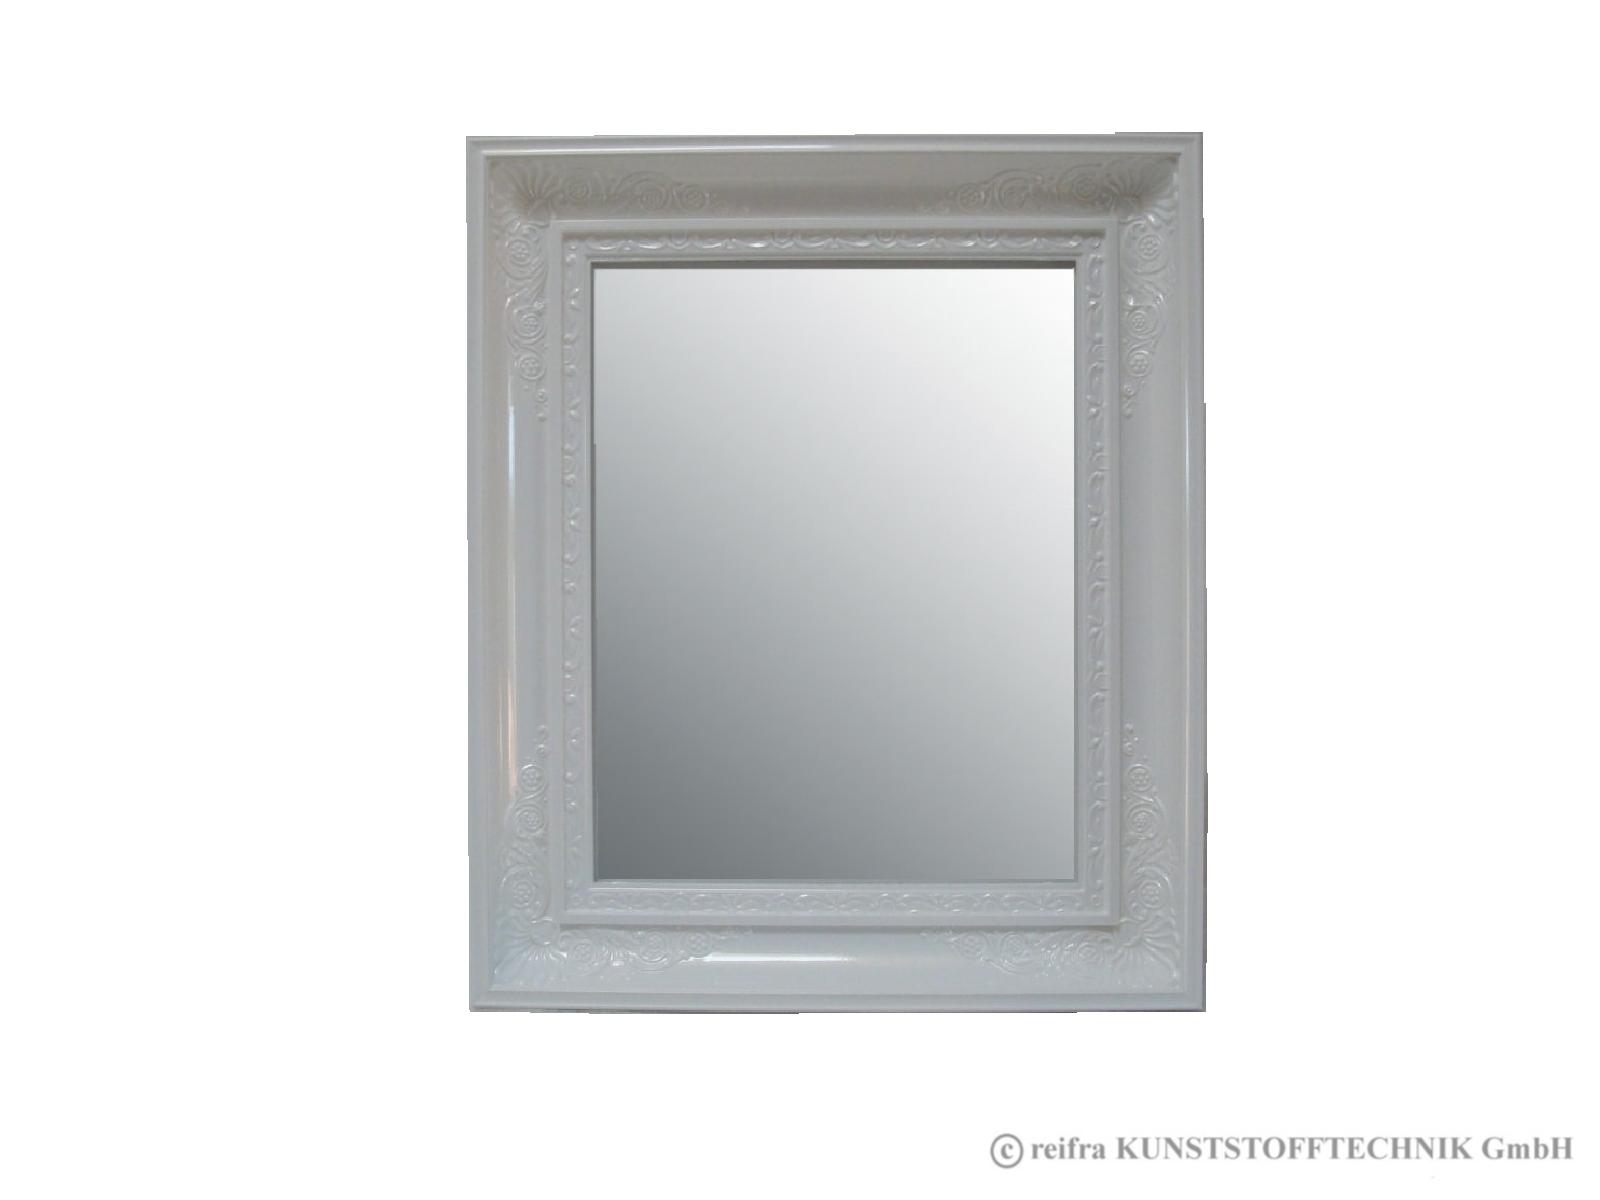 spiegel schlicht perlwei sonderaktion online shop reifra kunststofftechnik gmbh. Black Bedroom Furniture Sets. Home Design Ideas